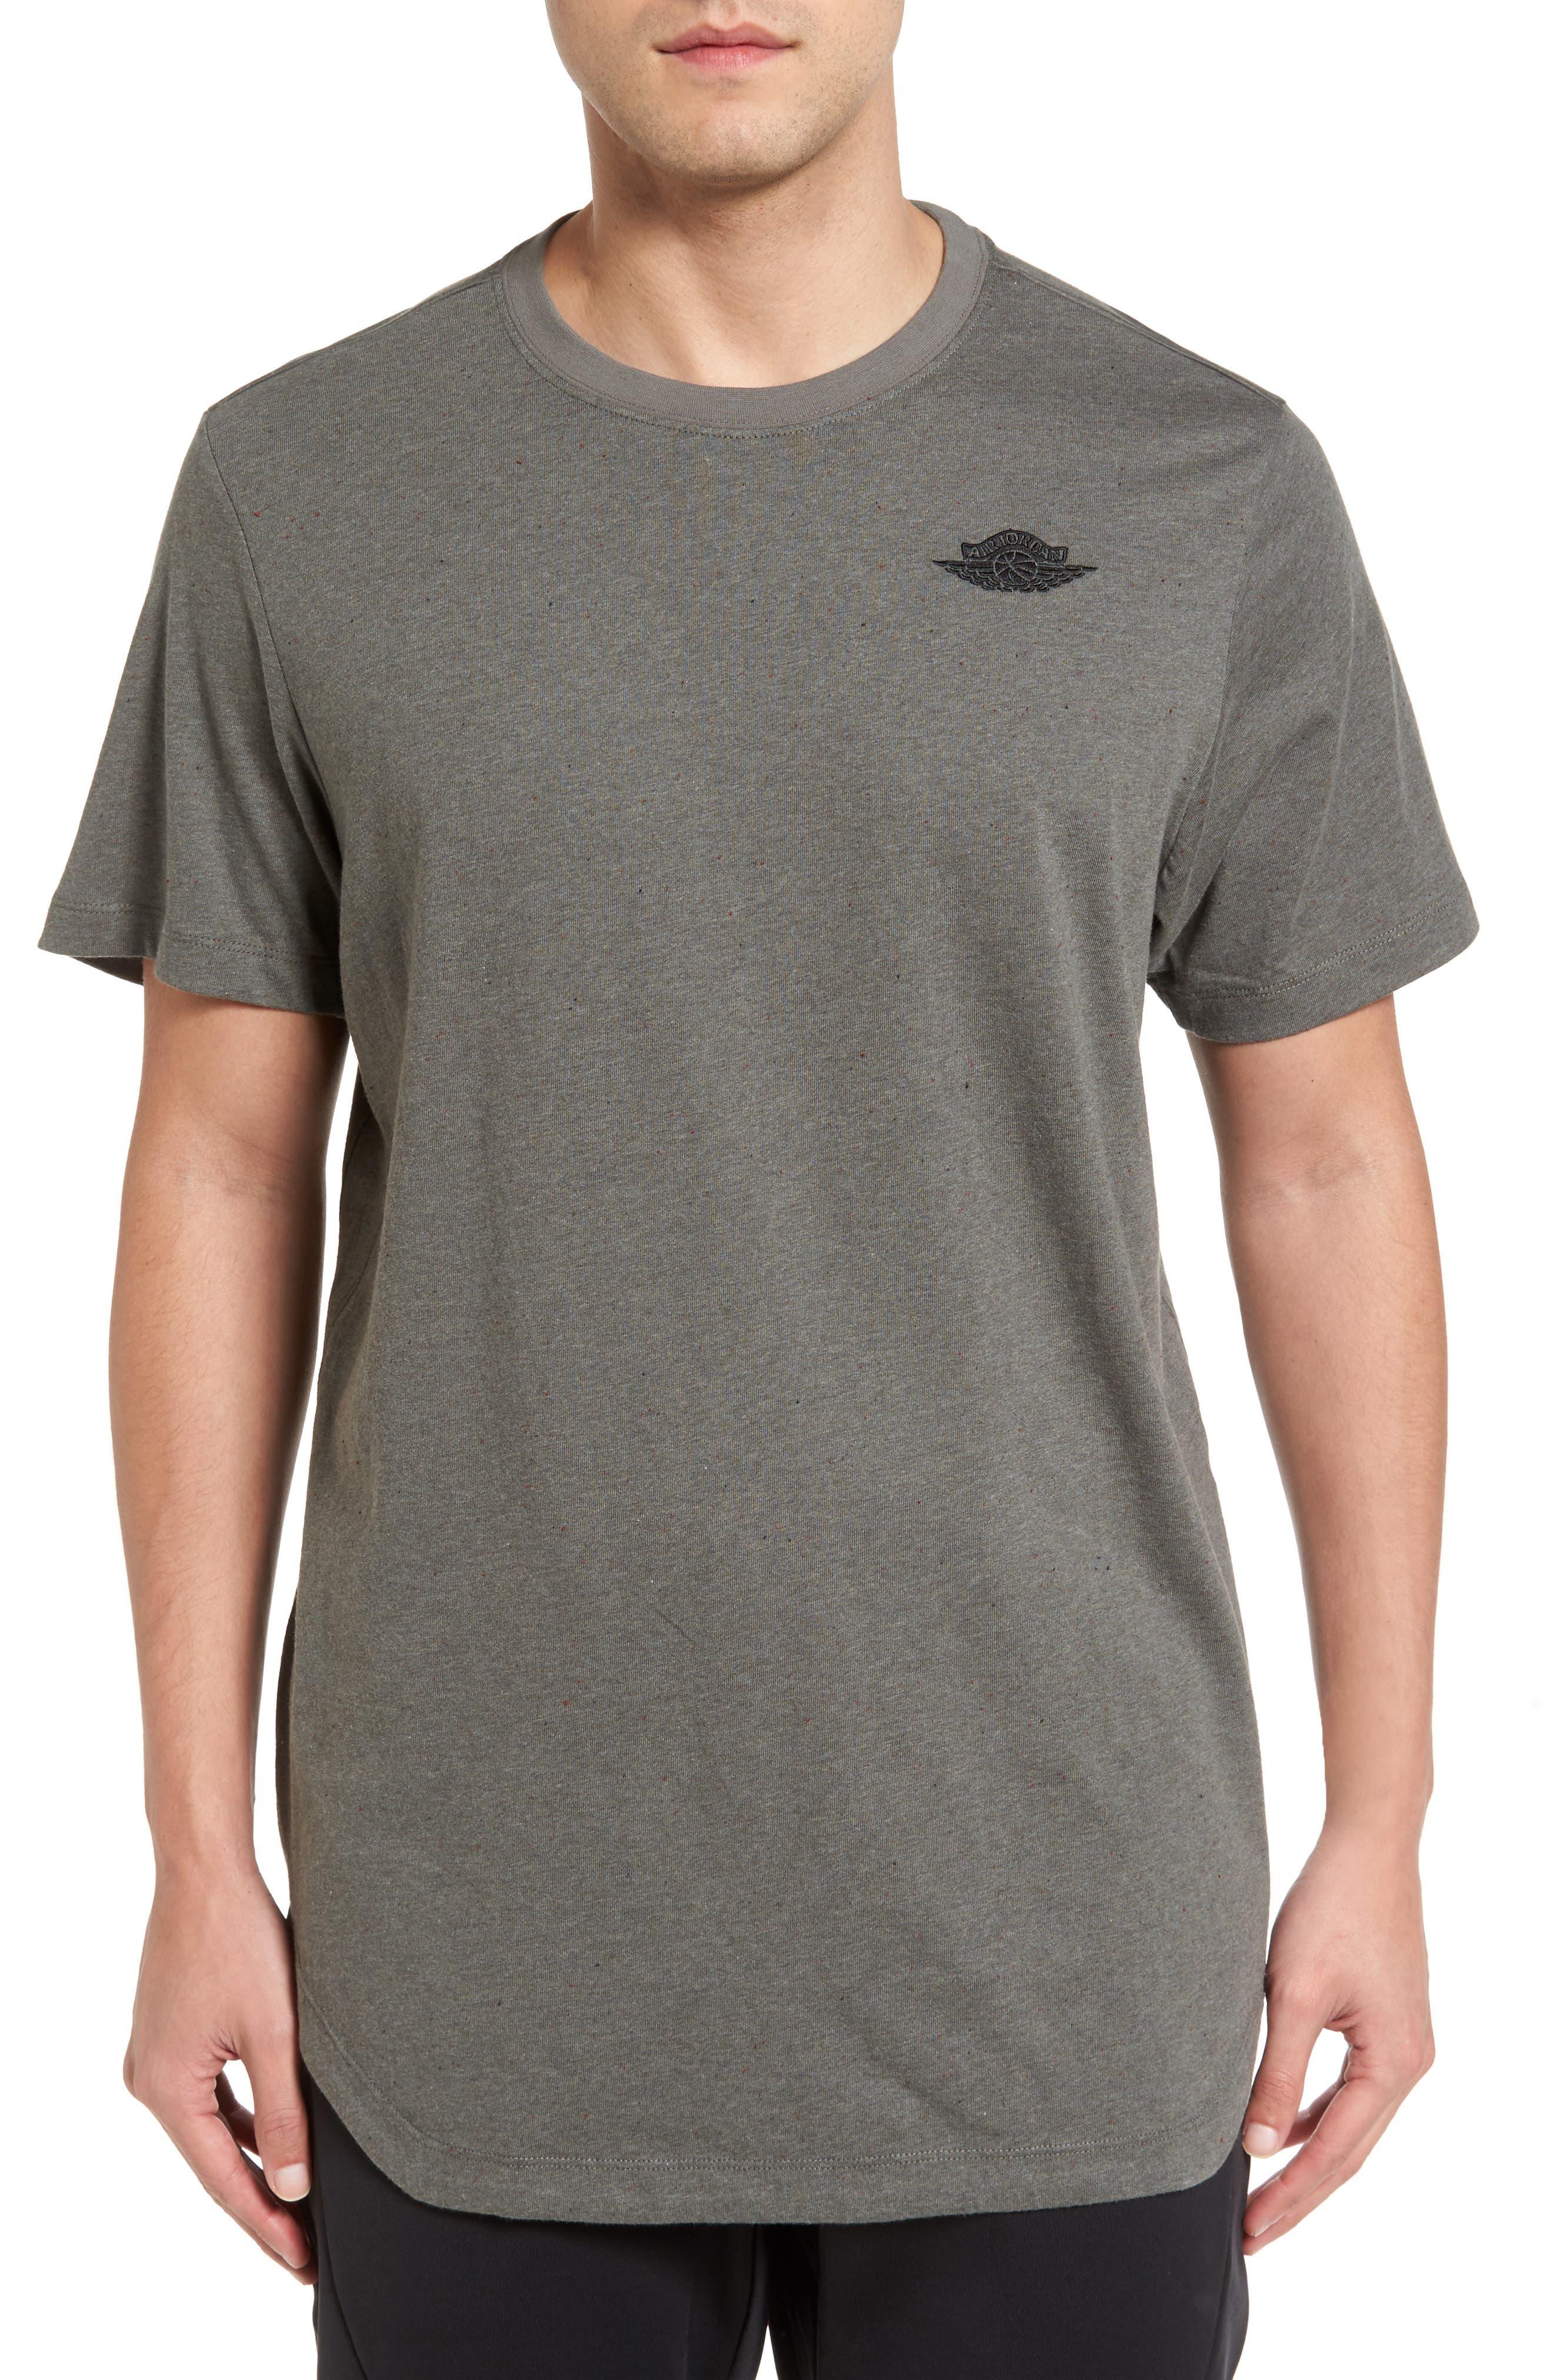 Main Image - Nike Jordan Future 2 T-Shirt